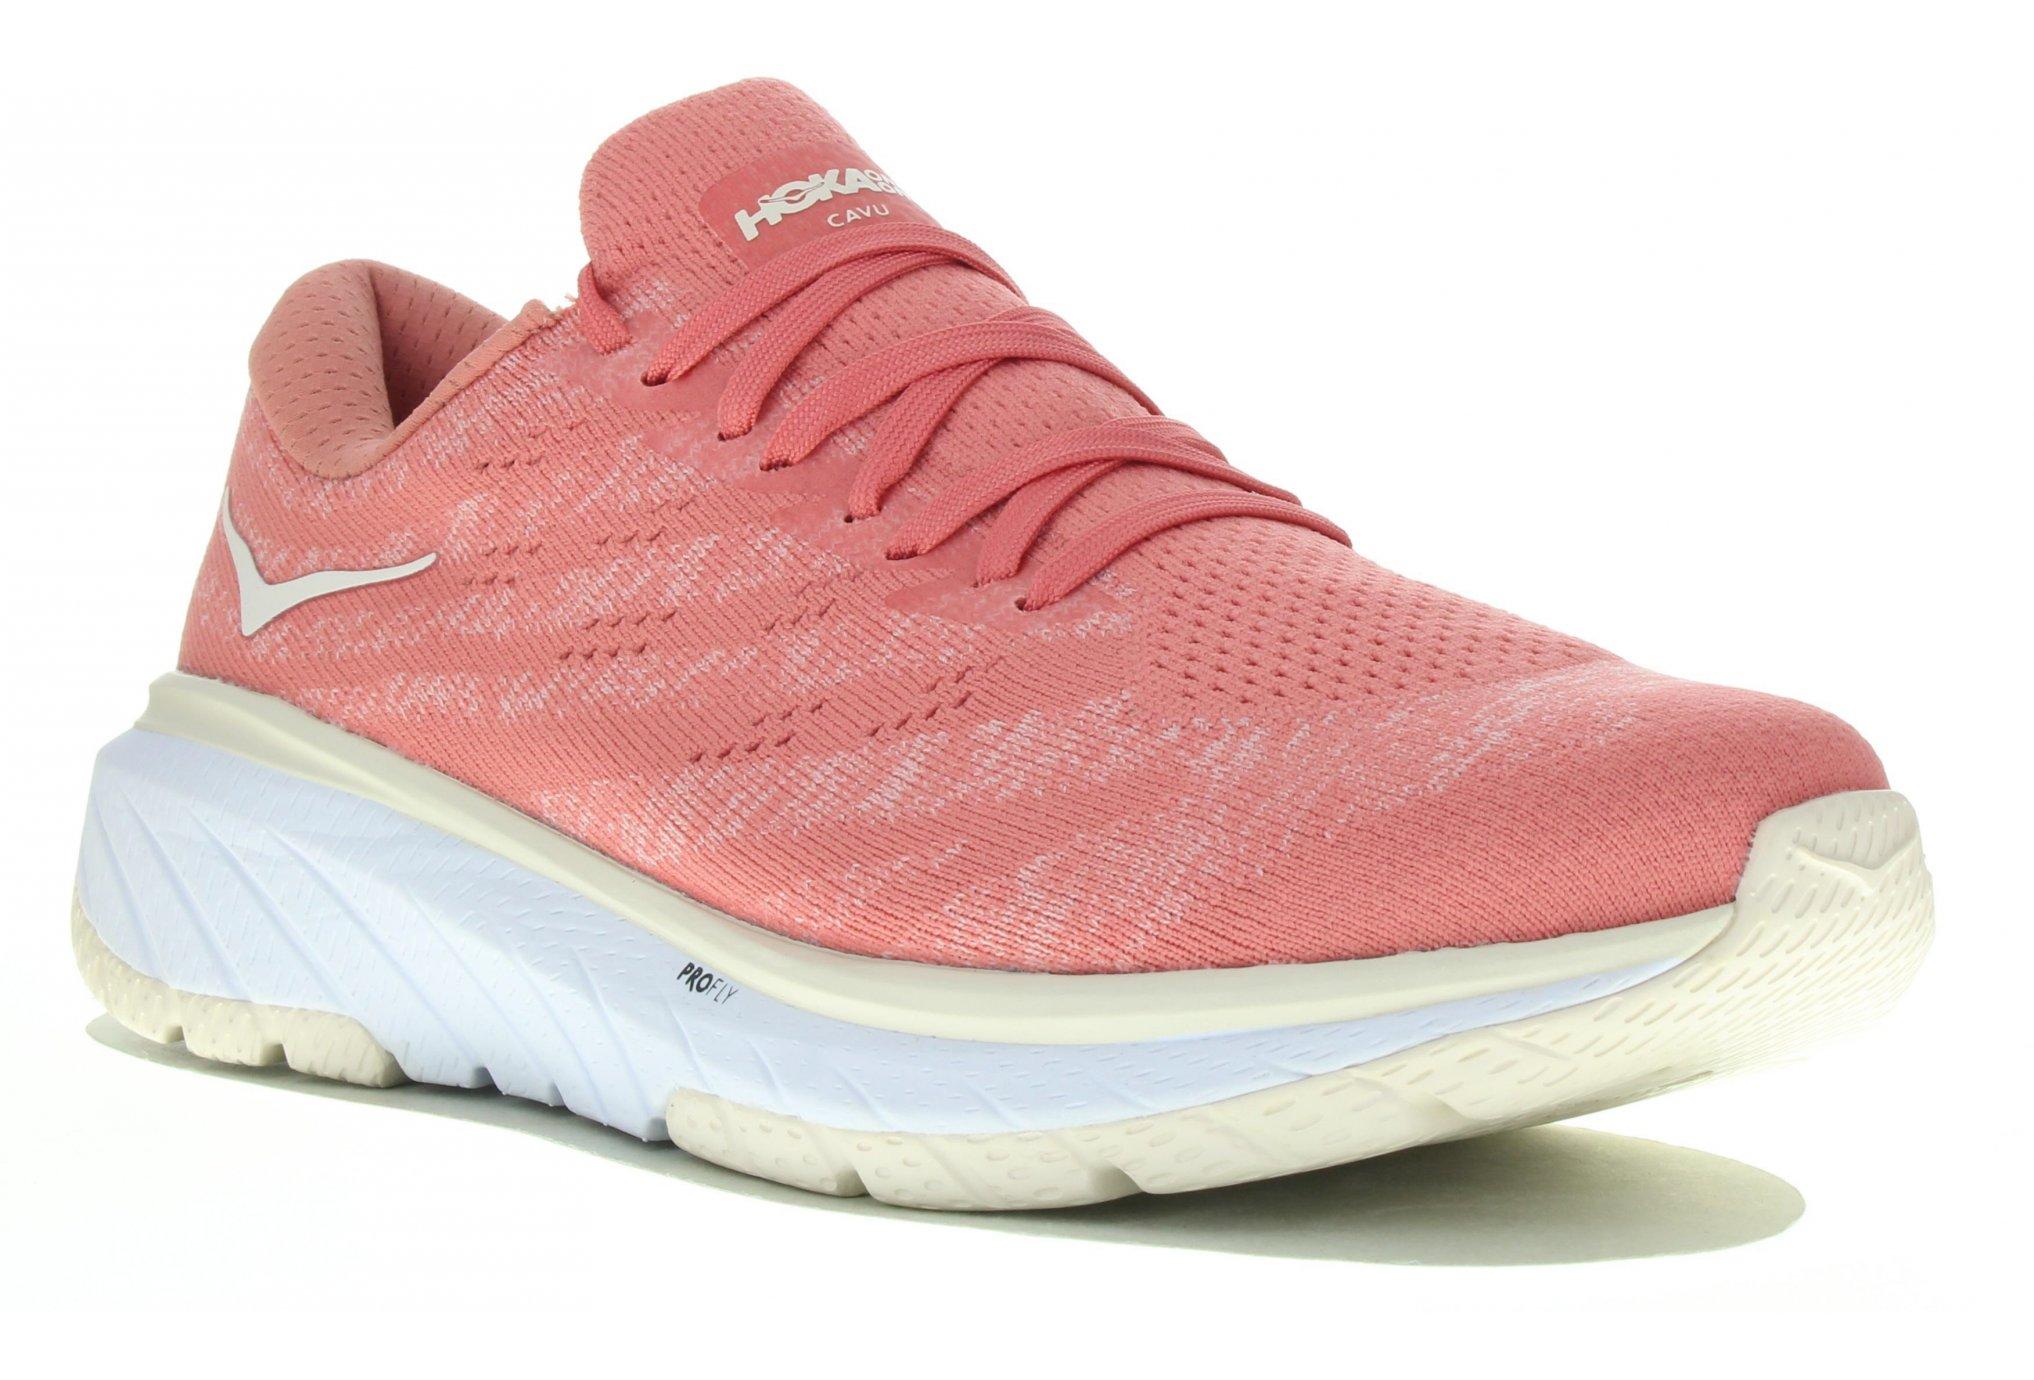 Hoka One One Cavu 3 Chaussures running femme